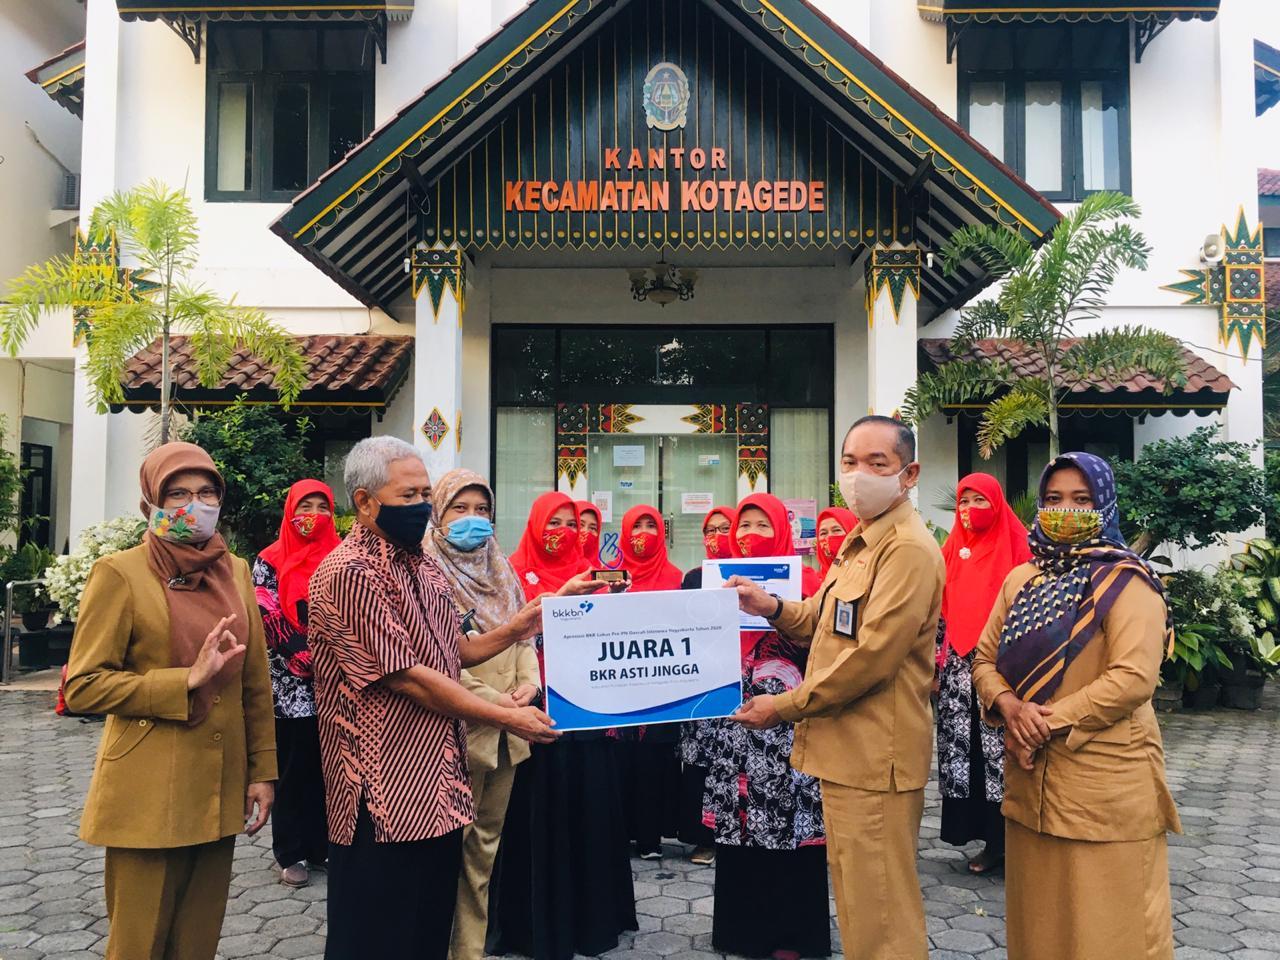 BKR Asti Jingga RW 5 Kelurahan Purbayan Kecamatan Kotagede Juara 1 Tingkat Daerah Istimewa Yogyakarta